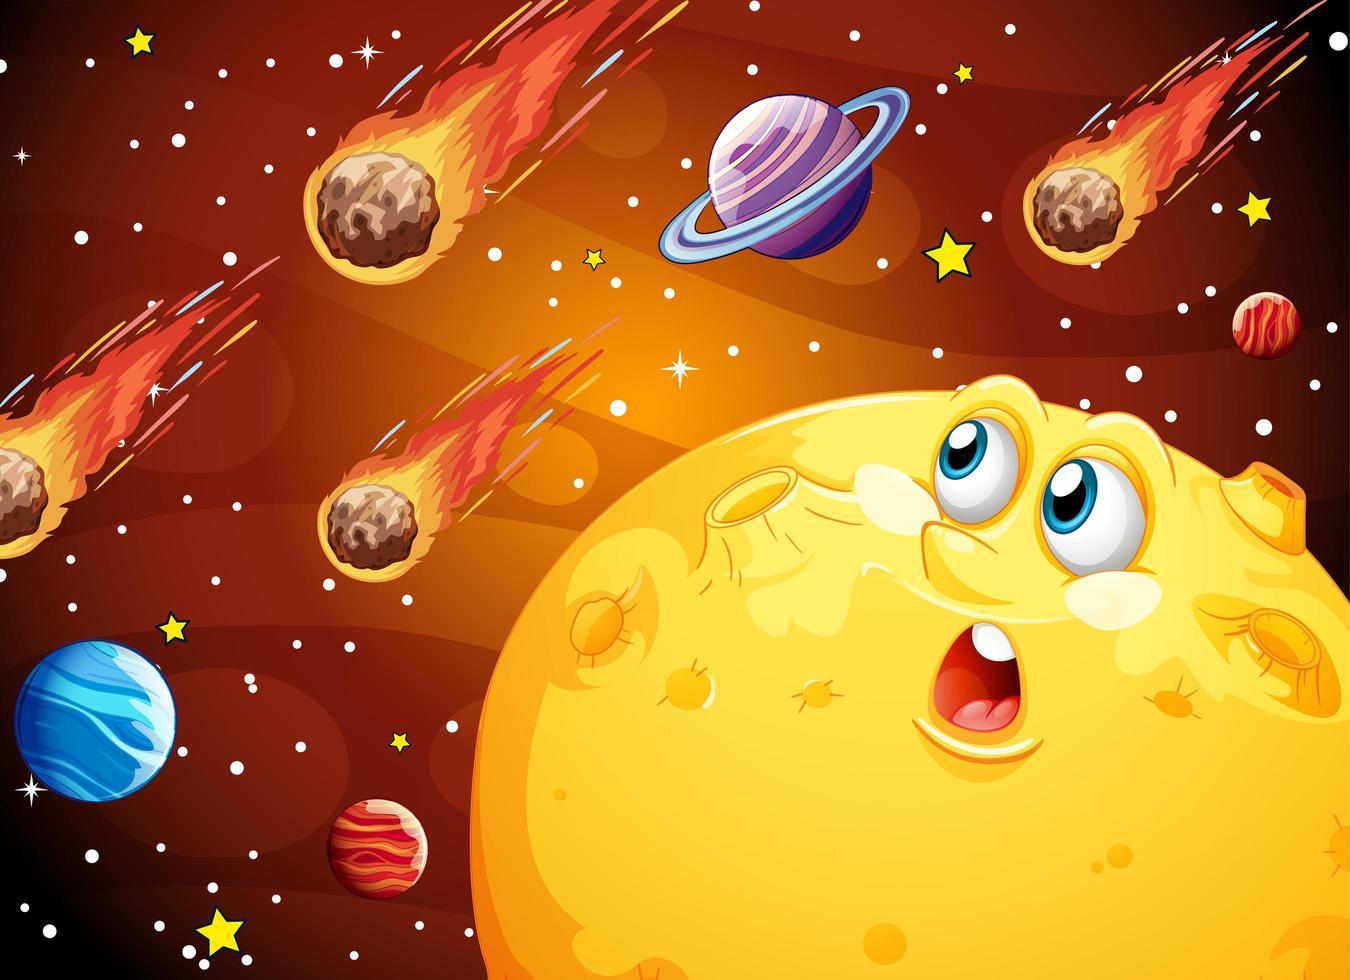 luna con la faccia felice nella galassia spaziale vettore